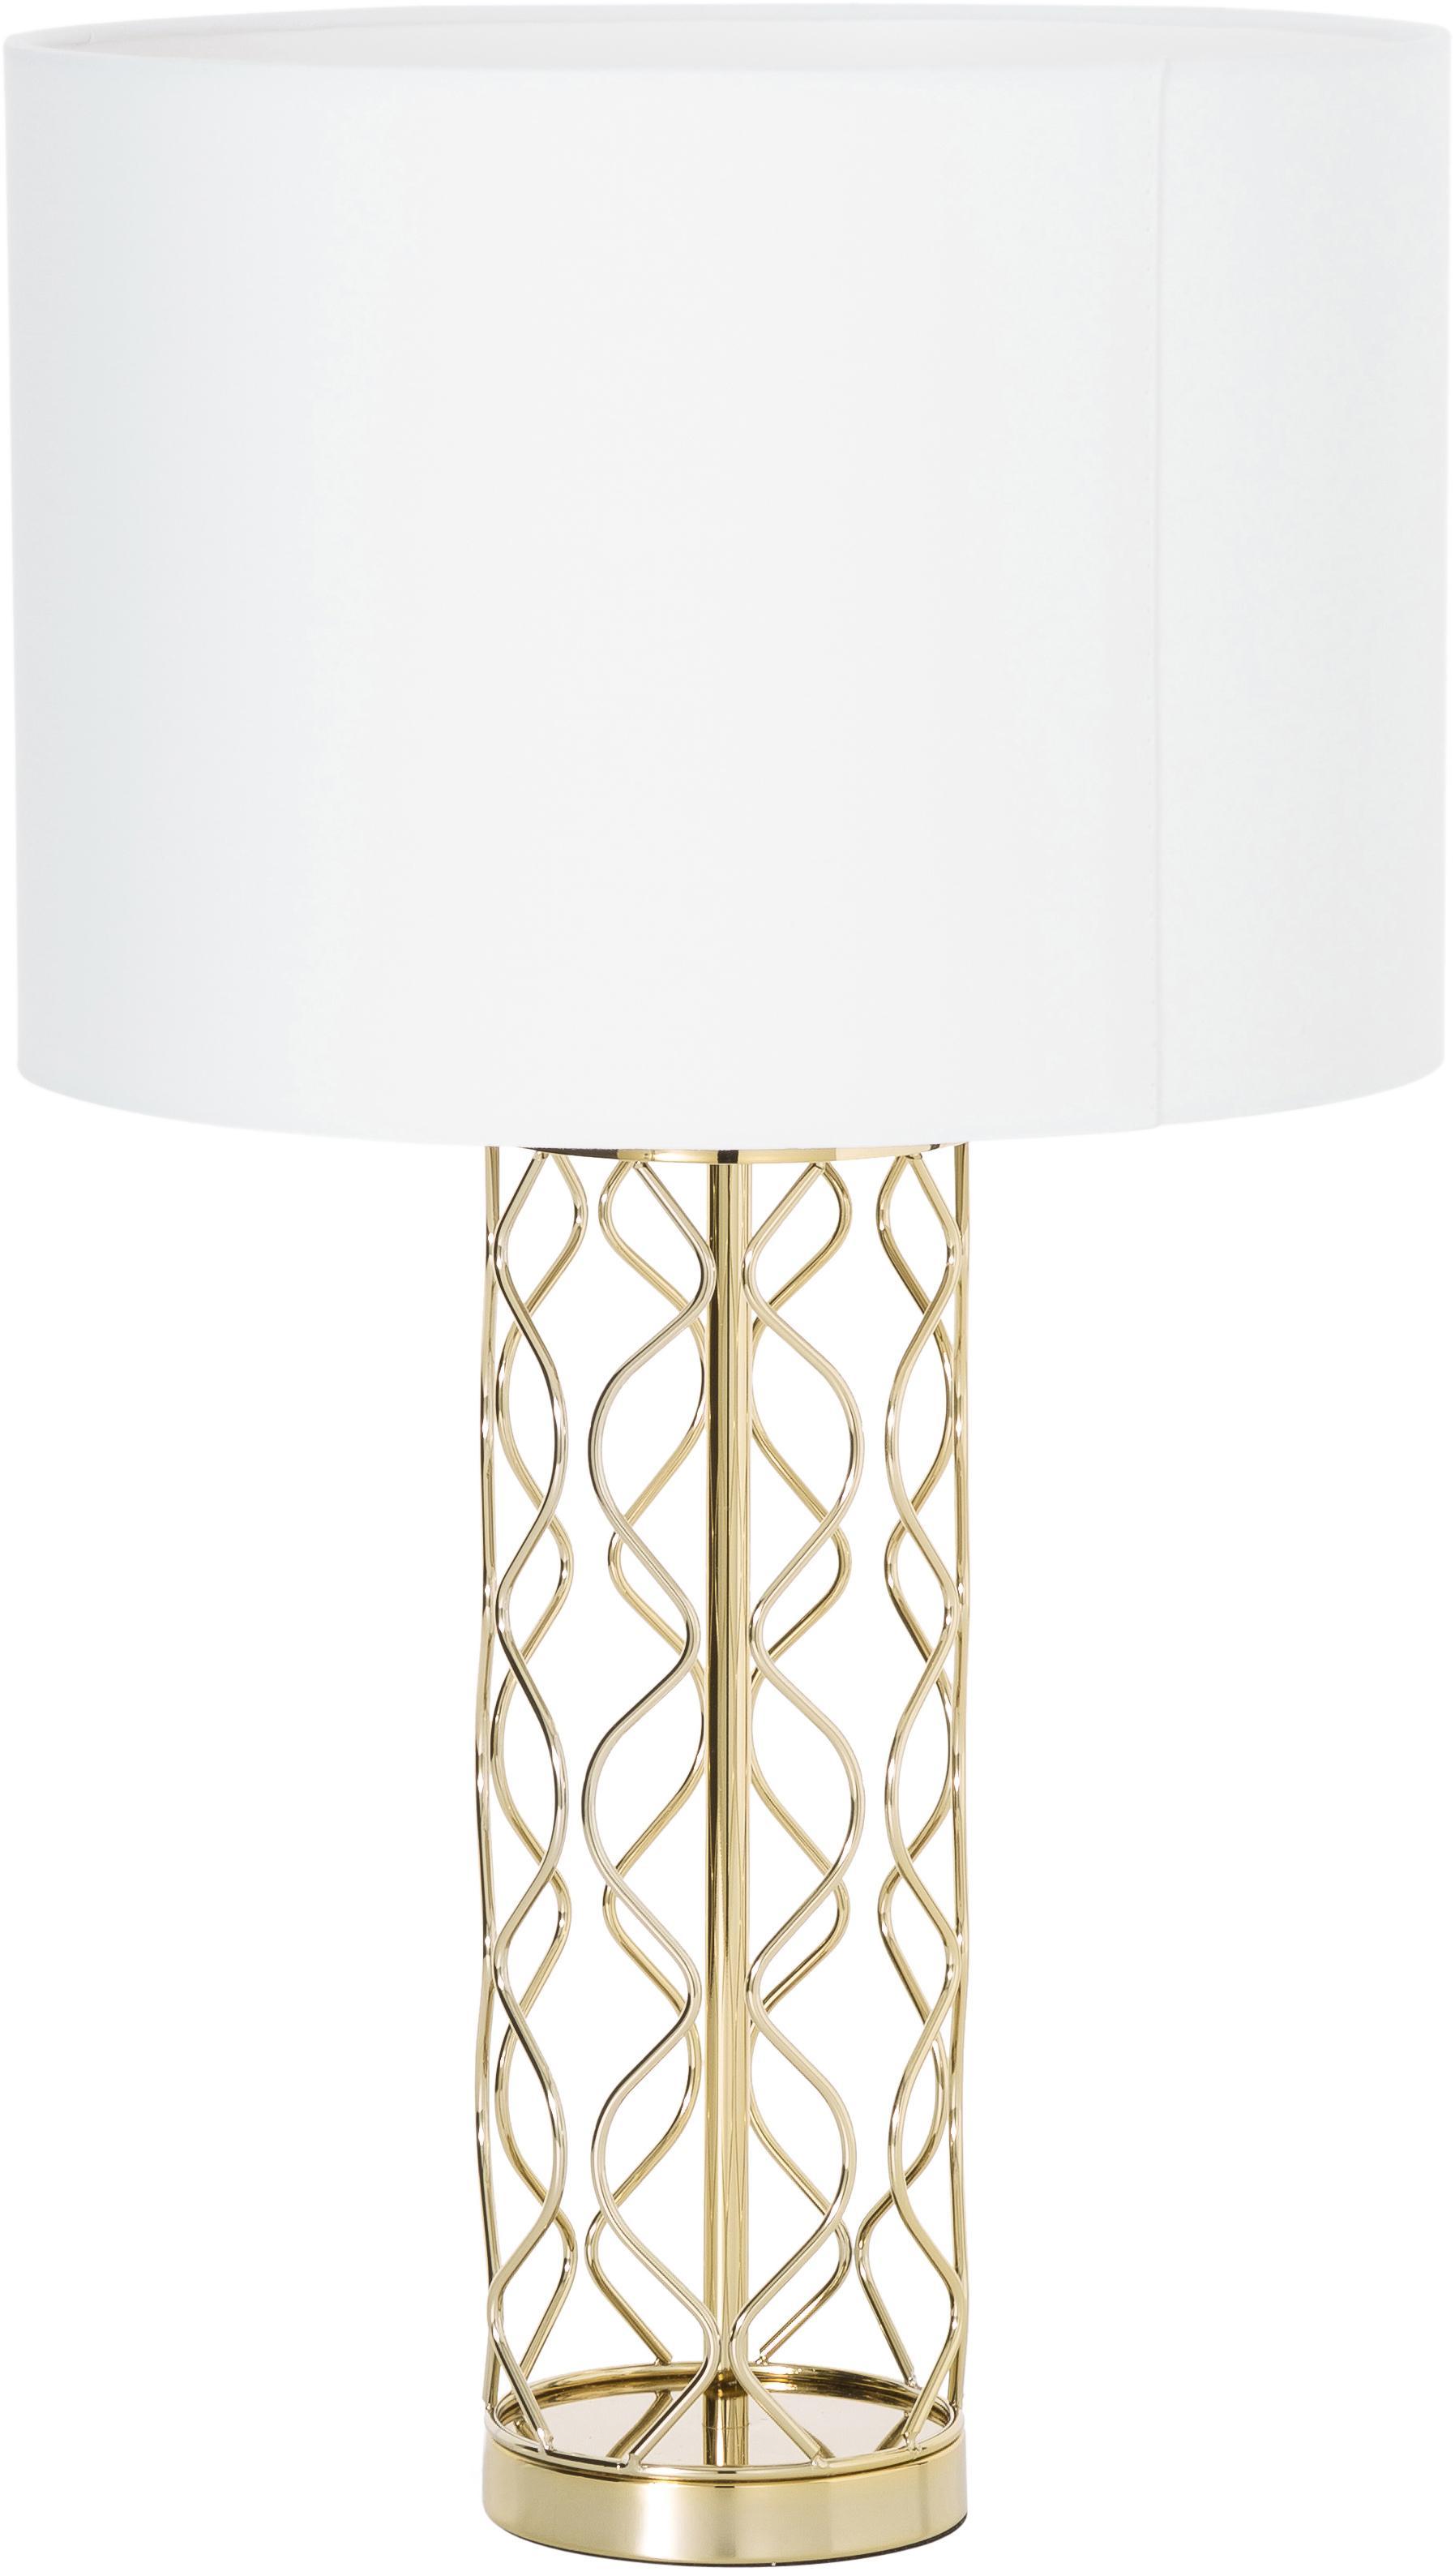 Grosse Tischlampe Adelaide in Weiss-Gold, Lampenschirm: Textil, Lampenschirm: Creme.Lampenfuss: Goldfarben, Ø 35 x H 62 cm